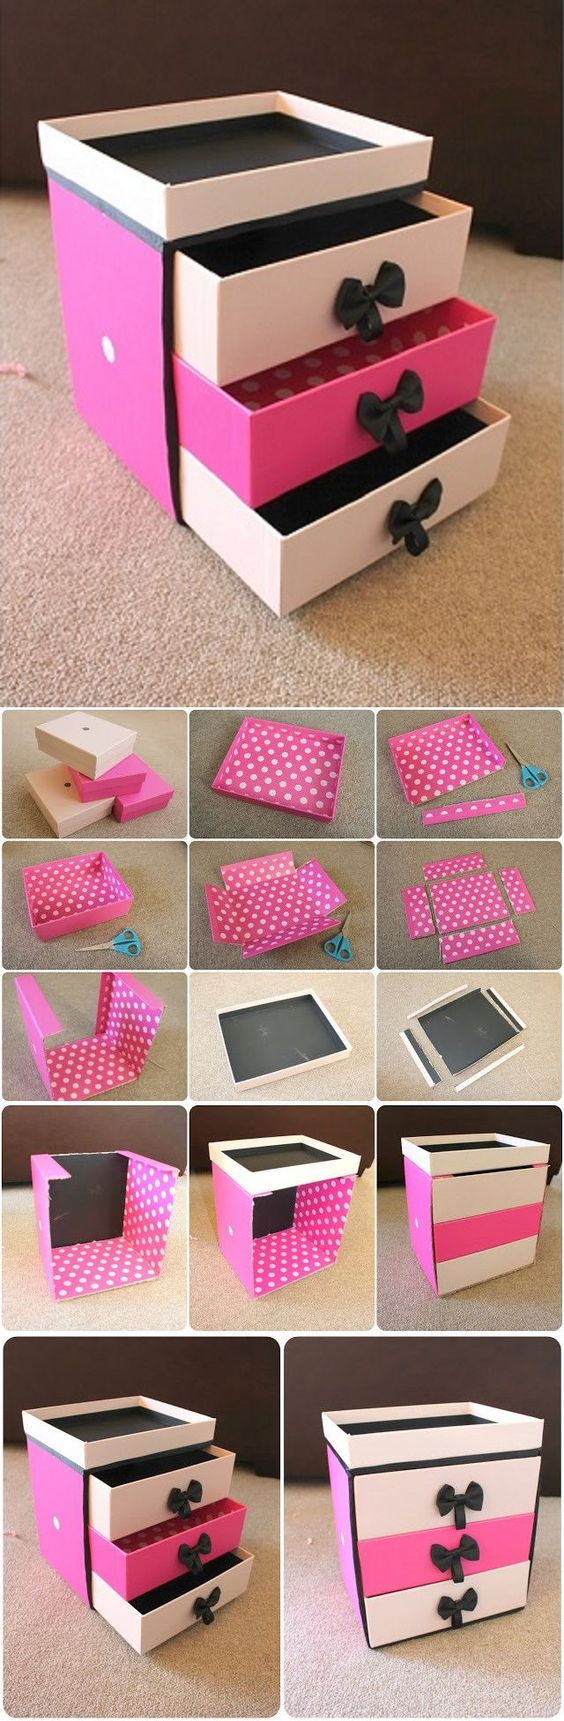 Mini Cassettiera Fai Da Te riciclo scatole: ecco come creare fantastici organizer